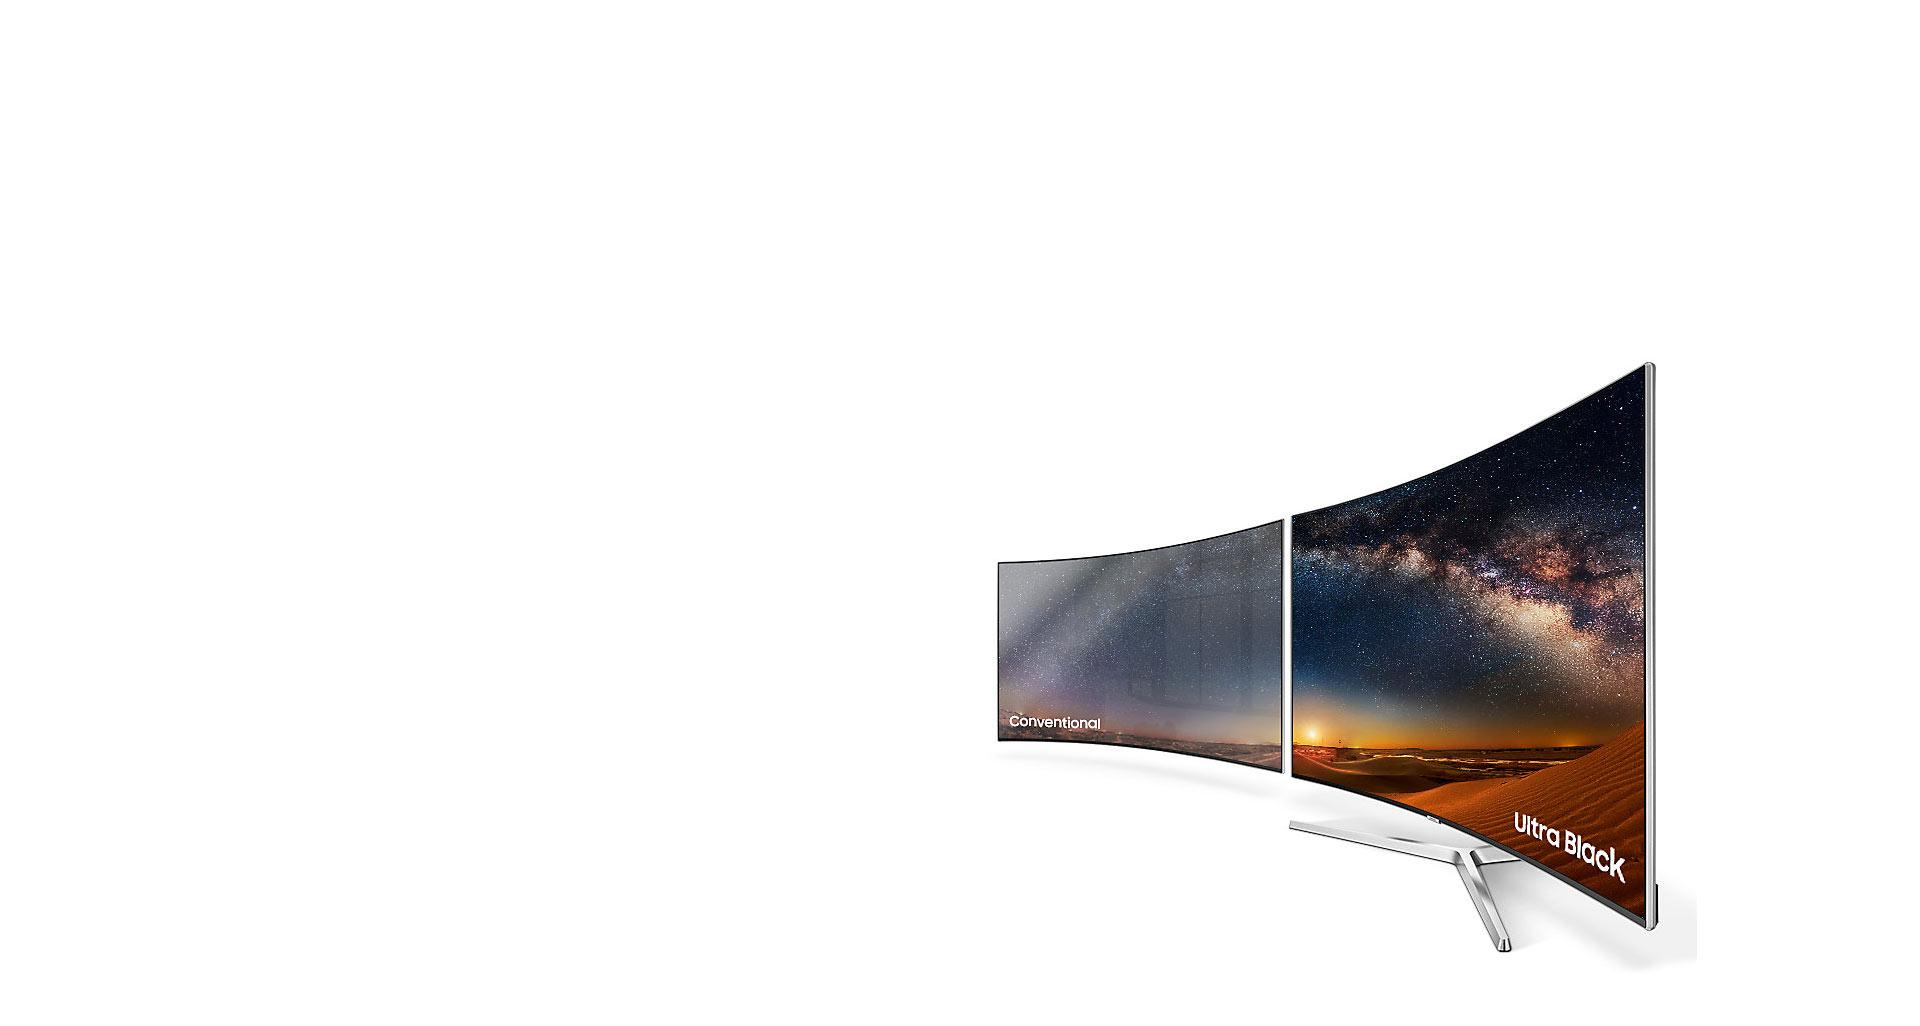 قیمت تلویزیون 65mu10000 در نمایندگی سامسونگ